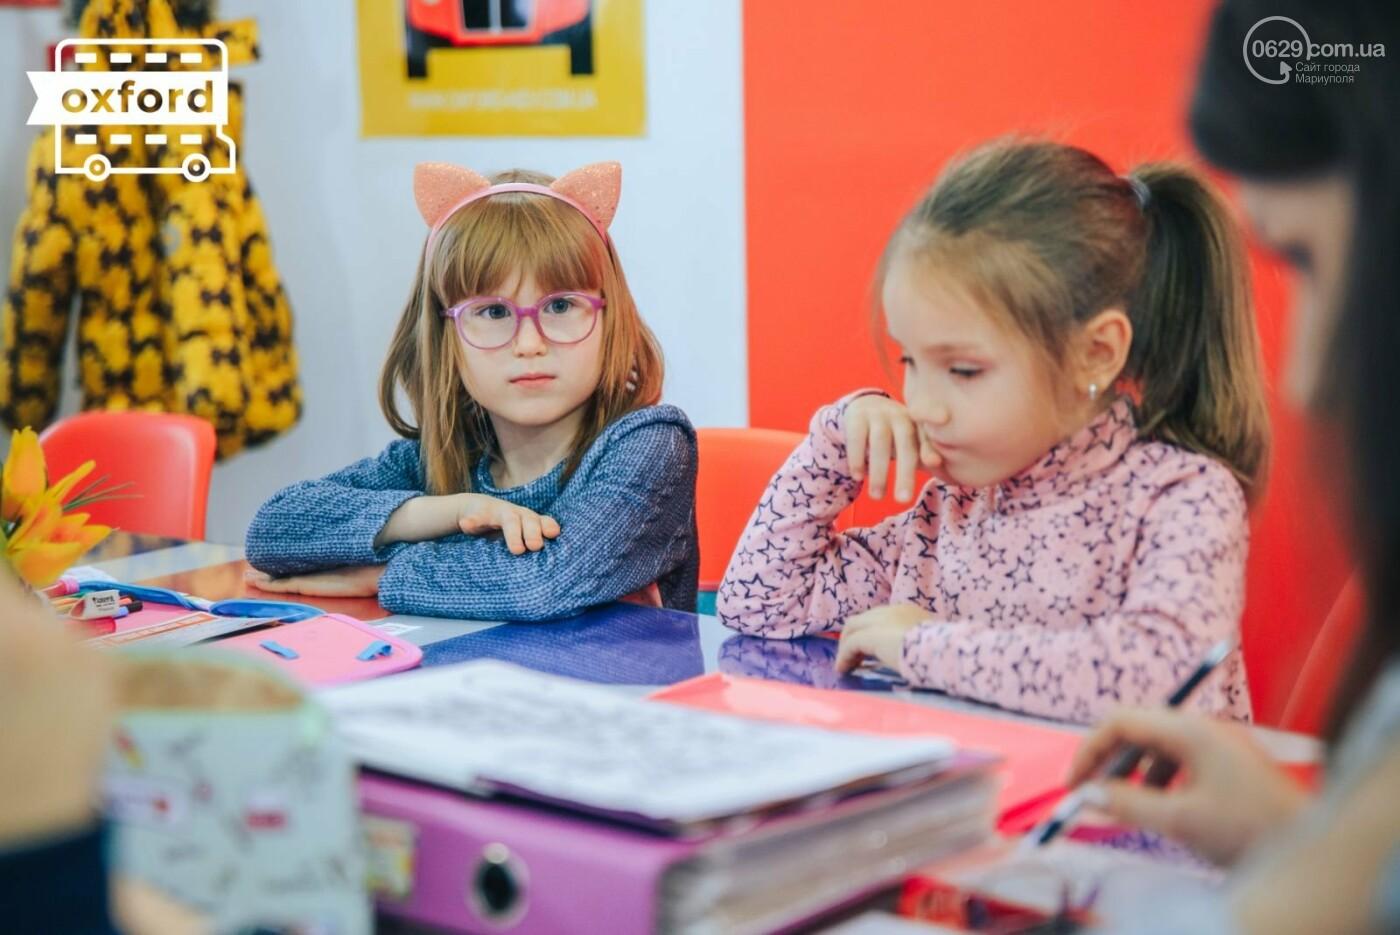 Английский для детей  в лучшей английской школе «OXFORD»! Стартовал осенний набор!, фото-4